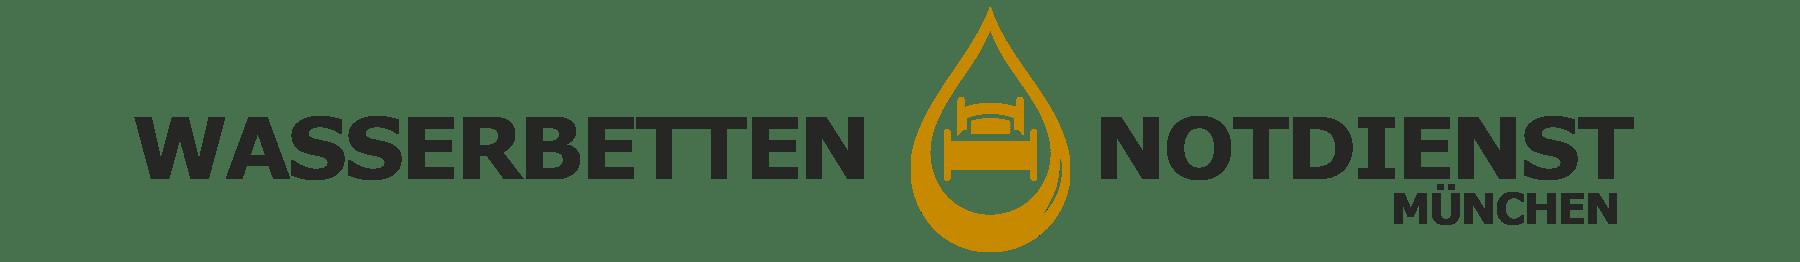 Wasserbetten München Notdienst – Ihr Wasserbett Service